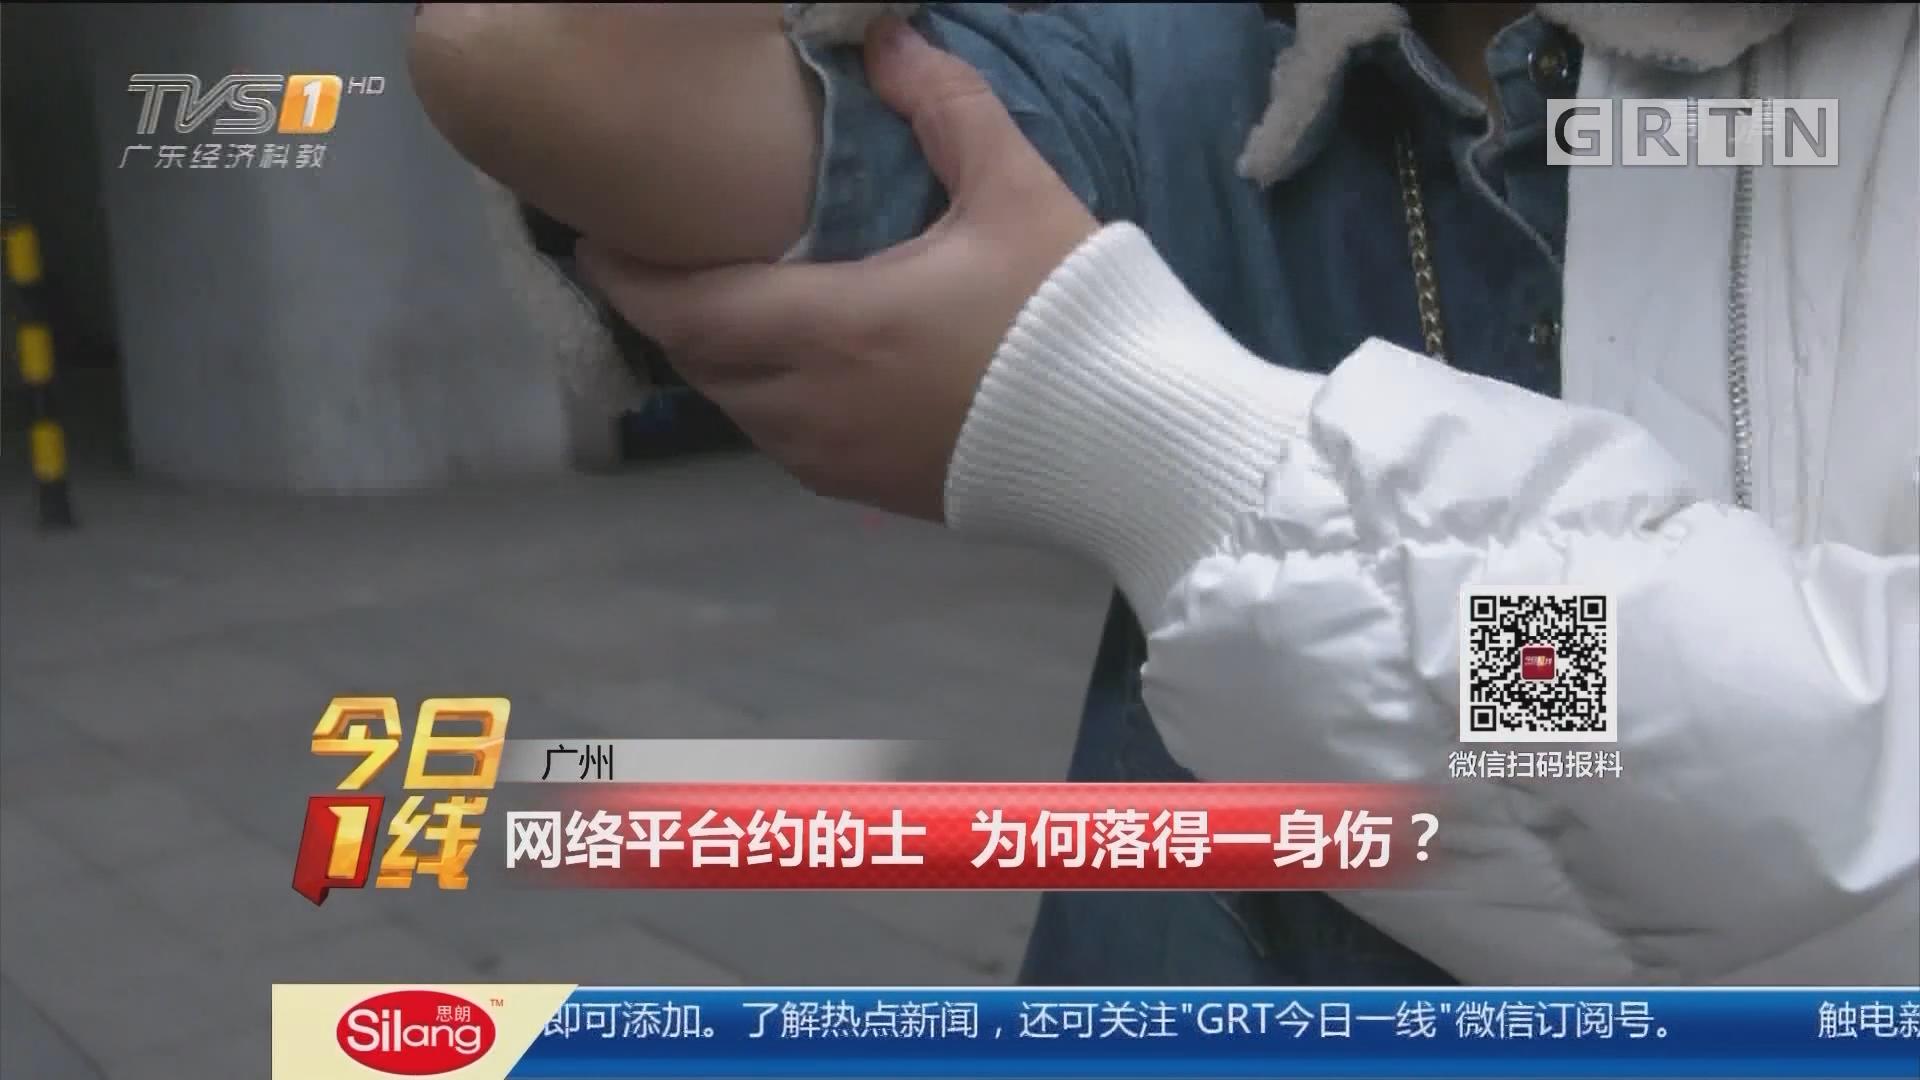 广州:网络平台约的士 为何落得一身伤?